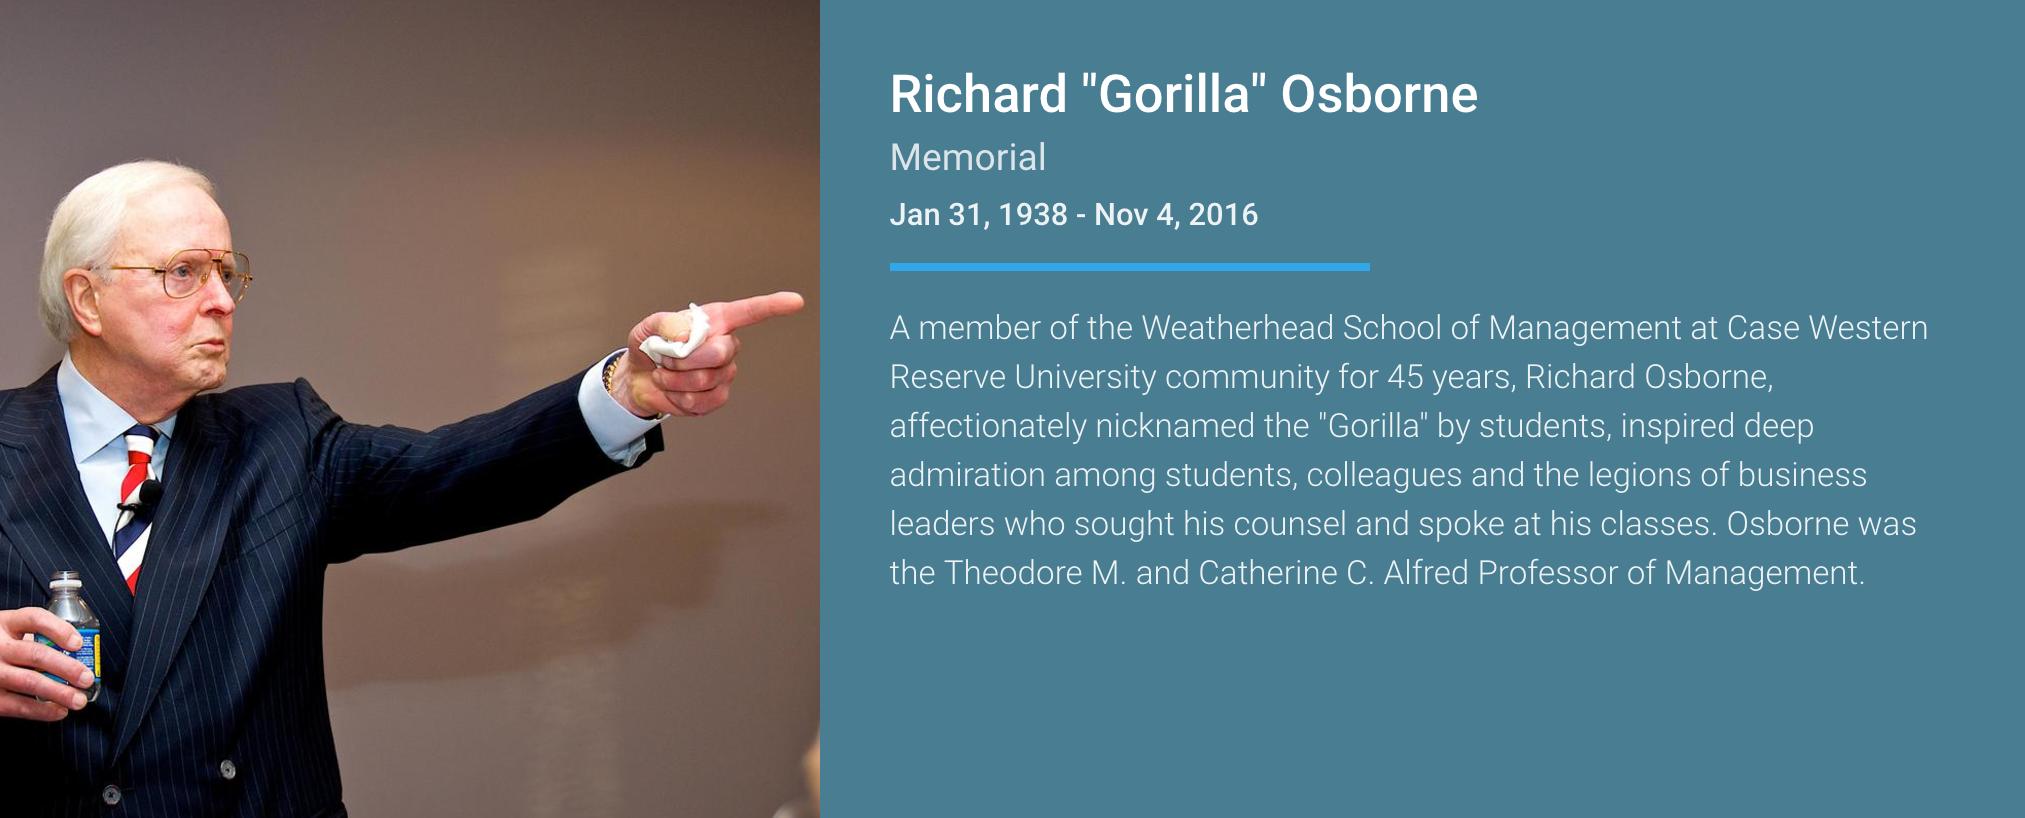 richard 'gorilla' osborne